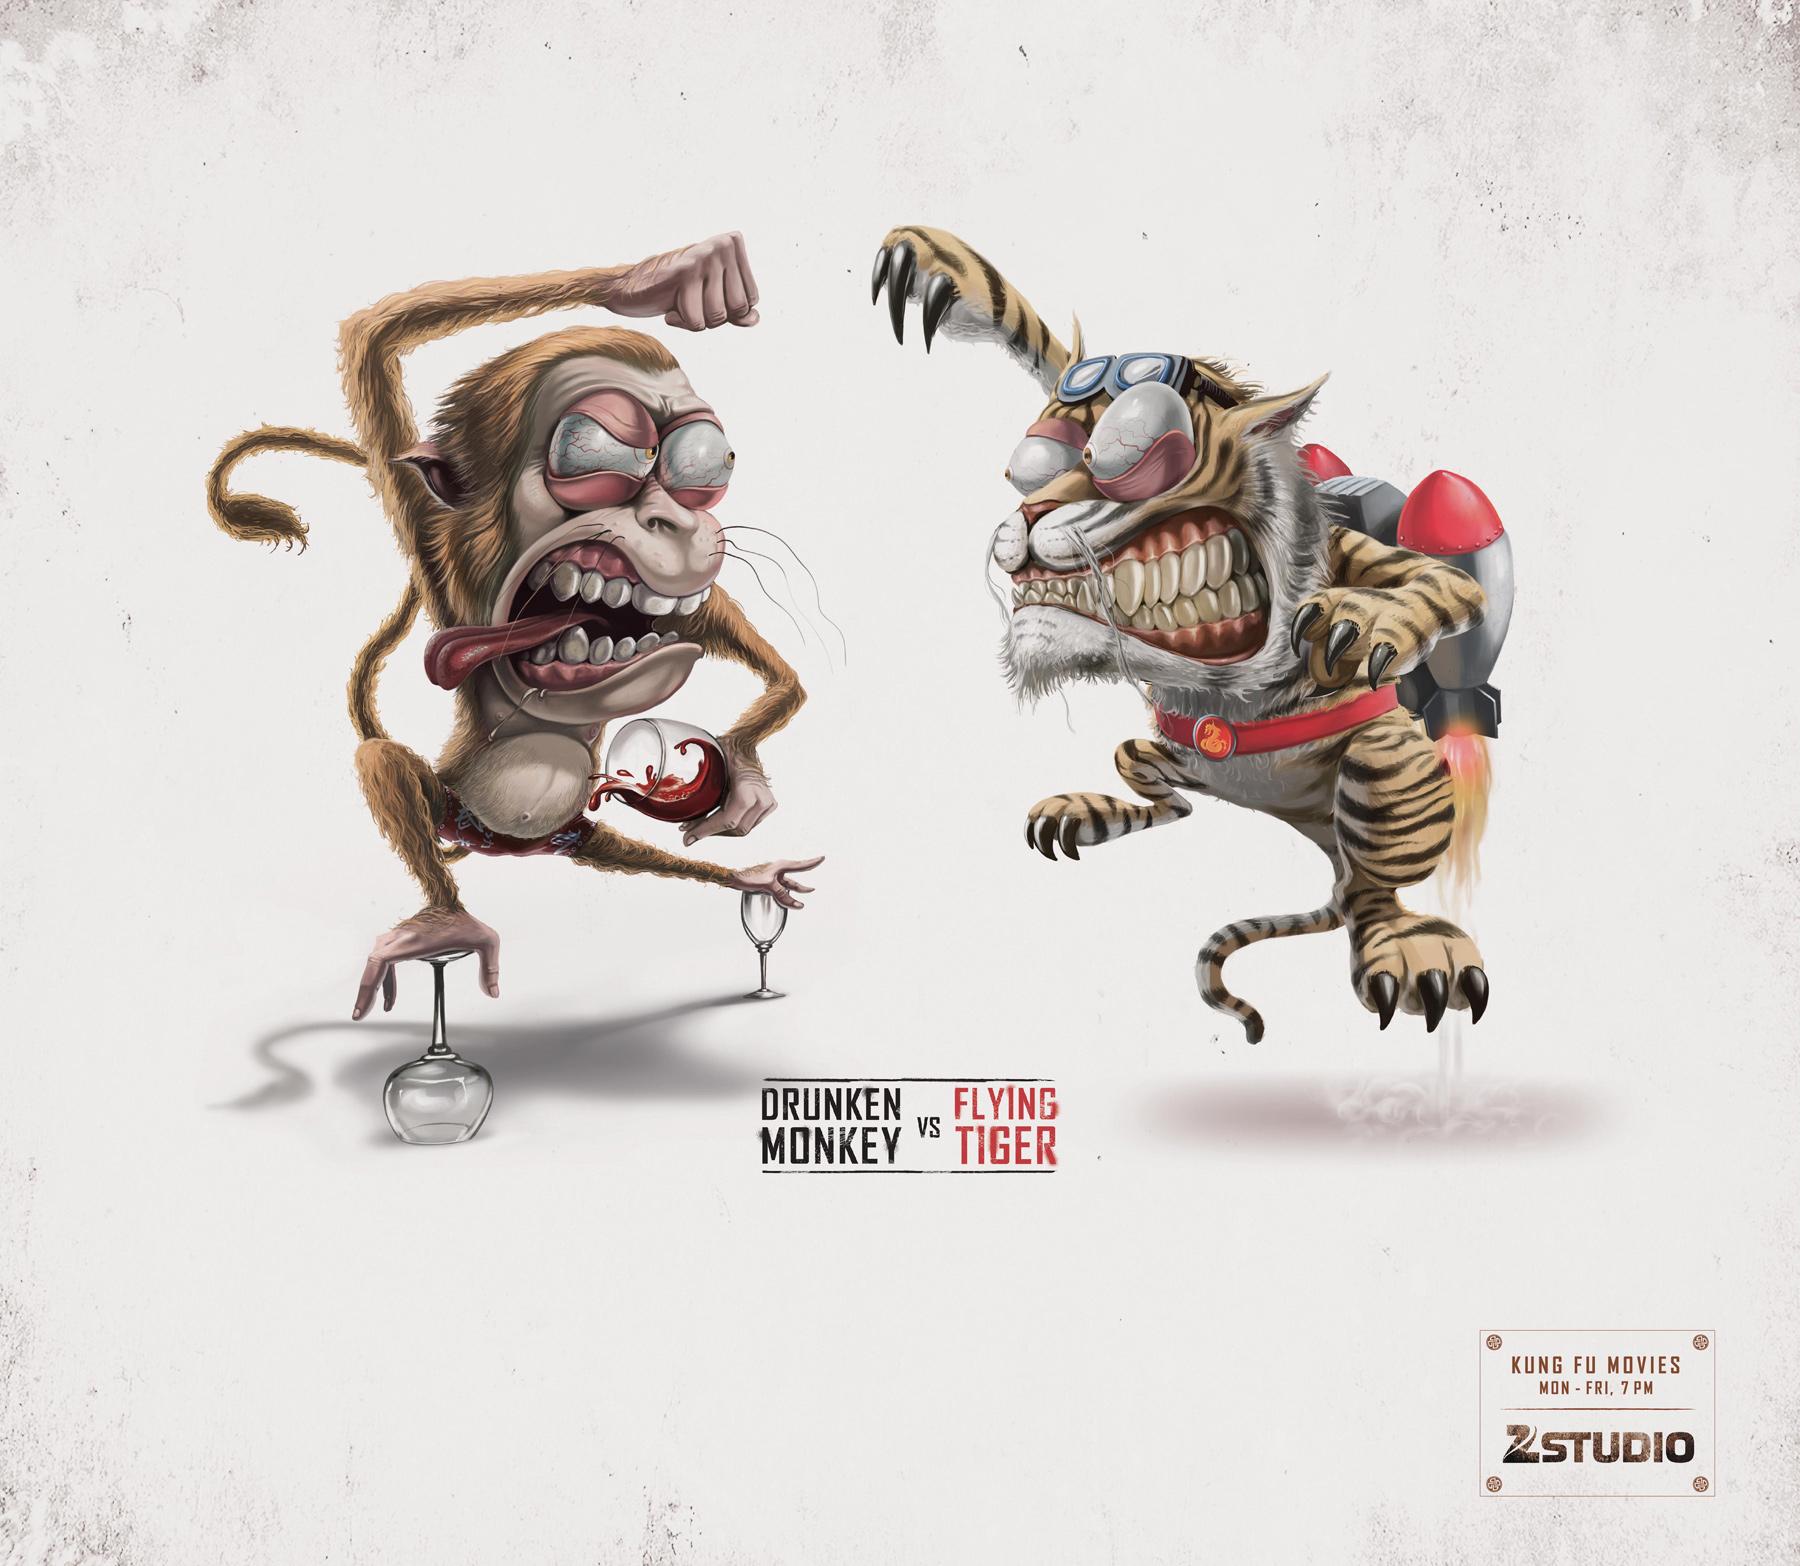 Zee Studio Print Advert By Fcb Kung Fu Movies Drunken